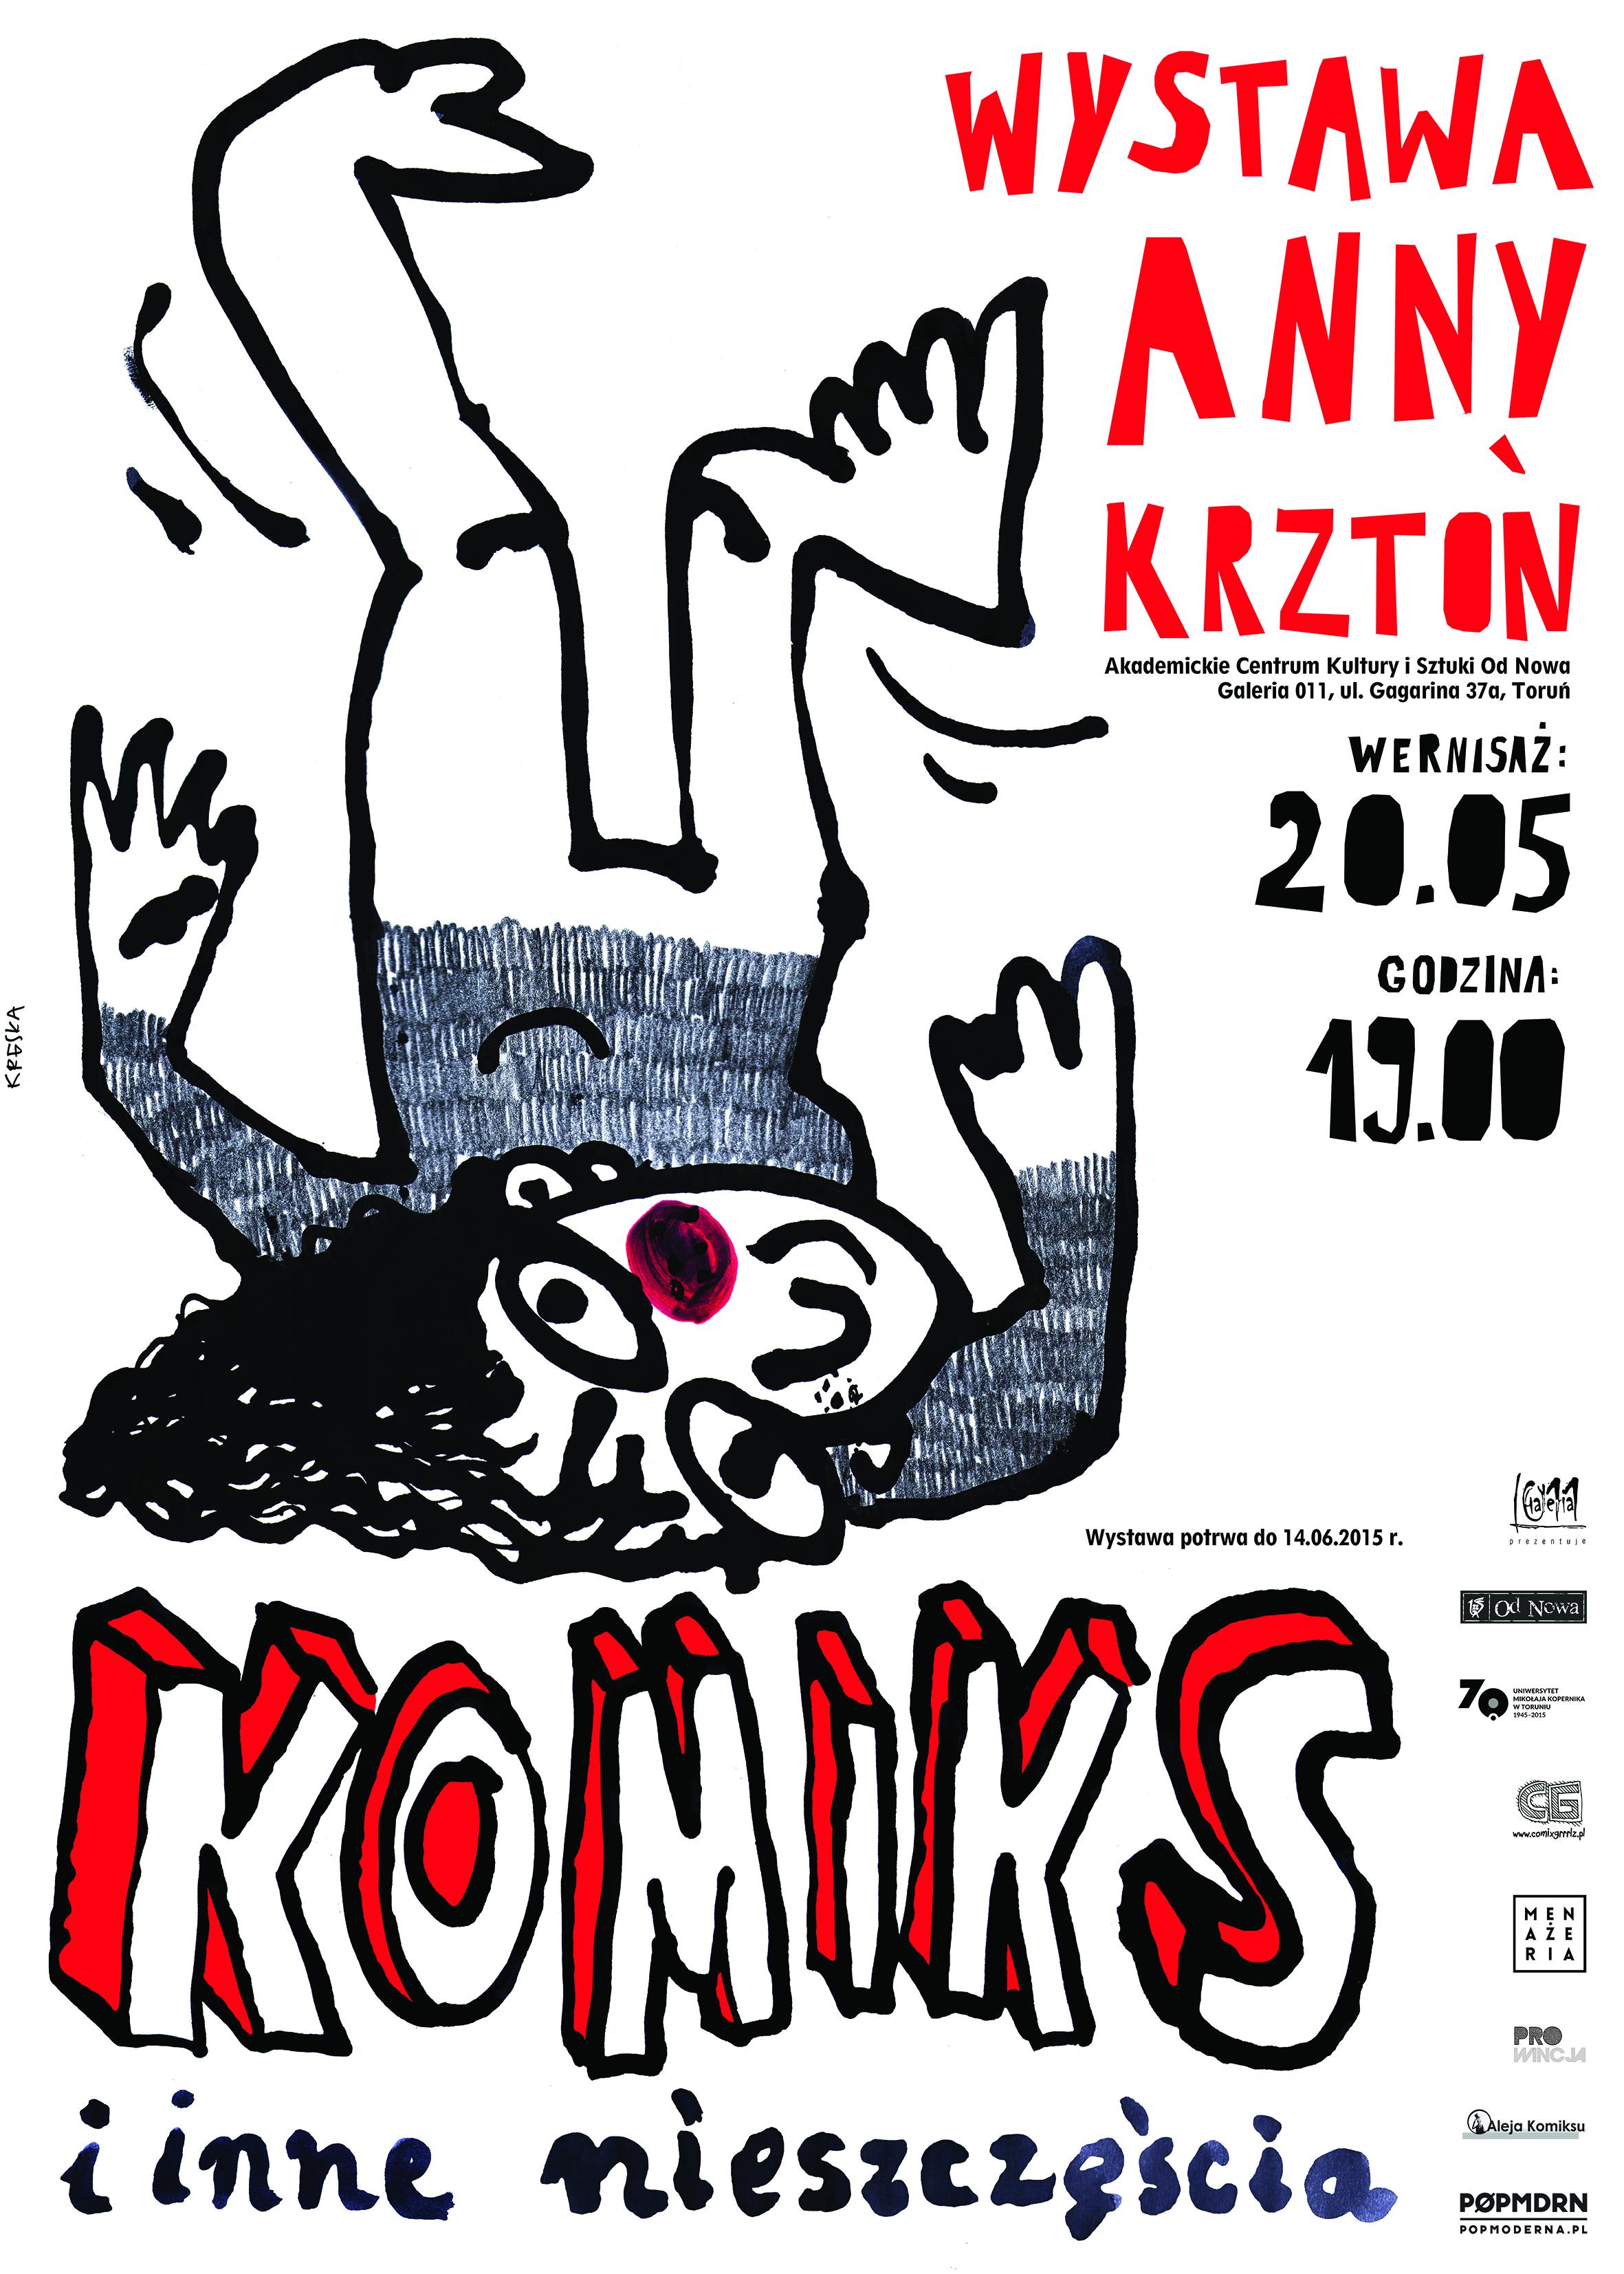 """Wystawa Anny Krztoń """"Komiks i inne nieszczęścia"""""""